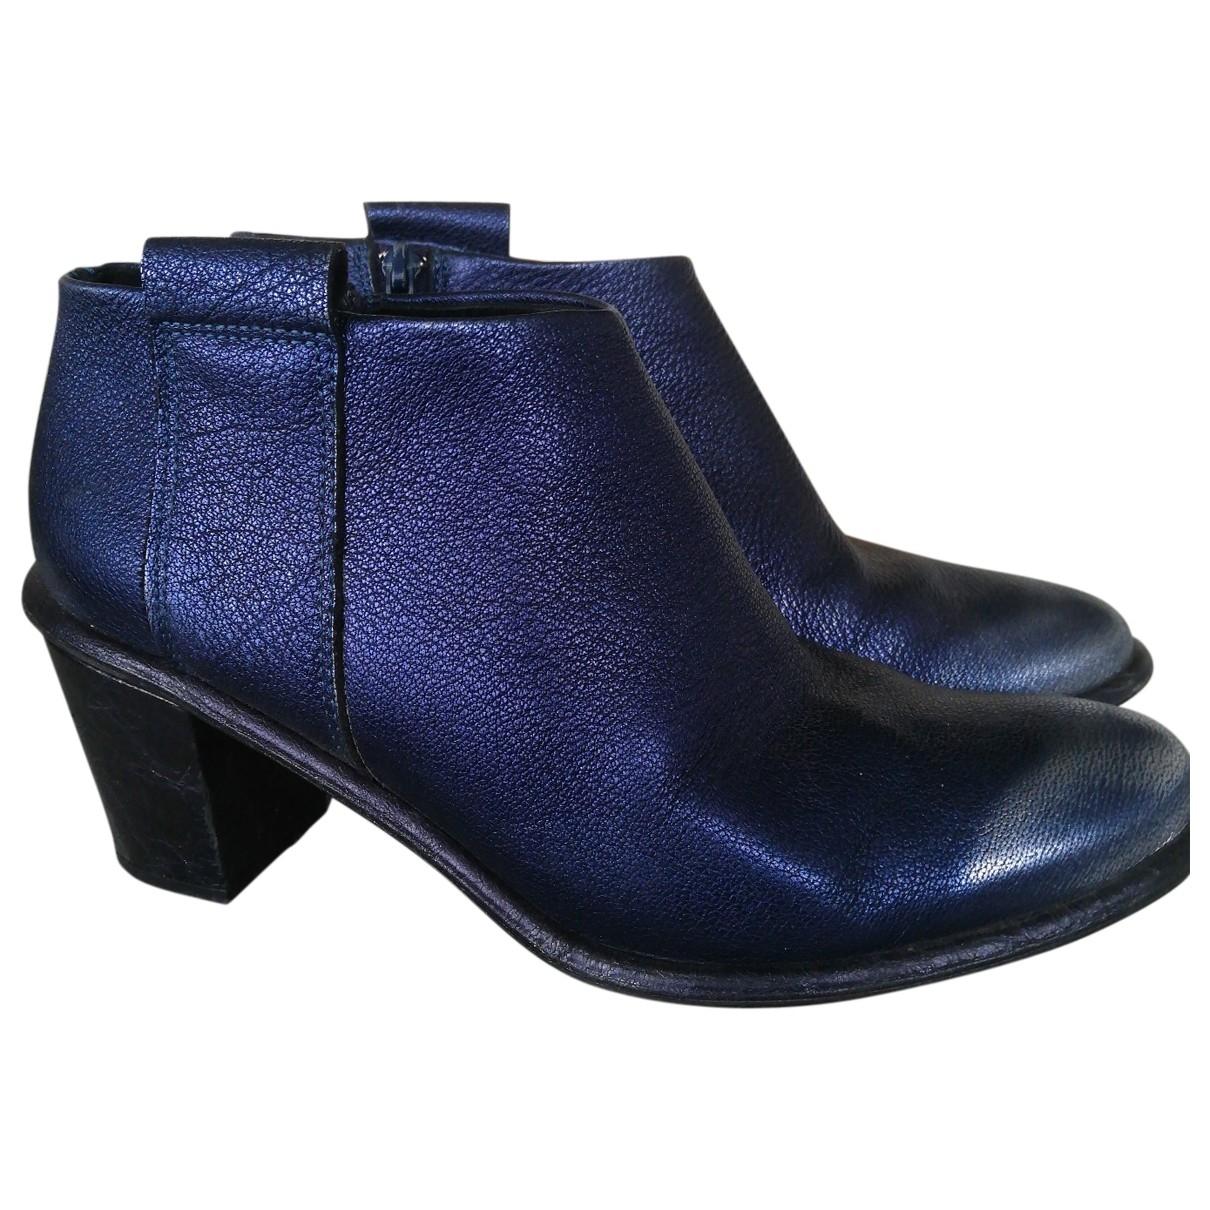 Miista \N Stiefel in  Blau Leder